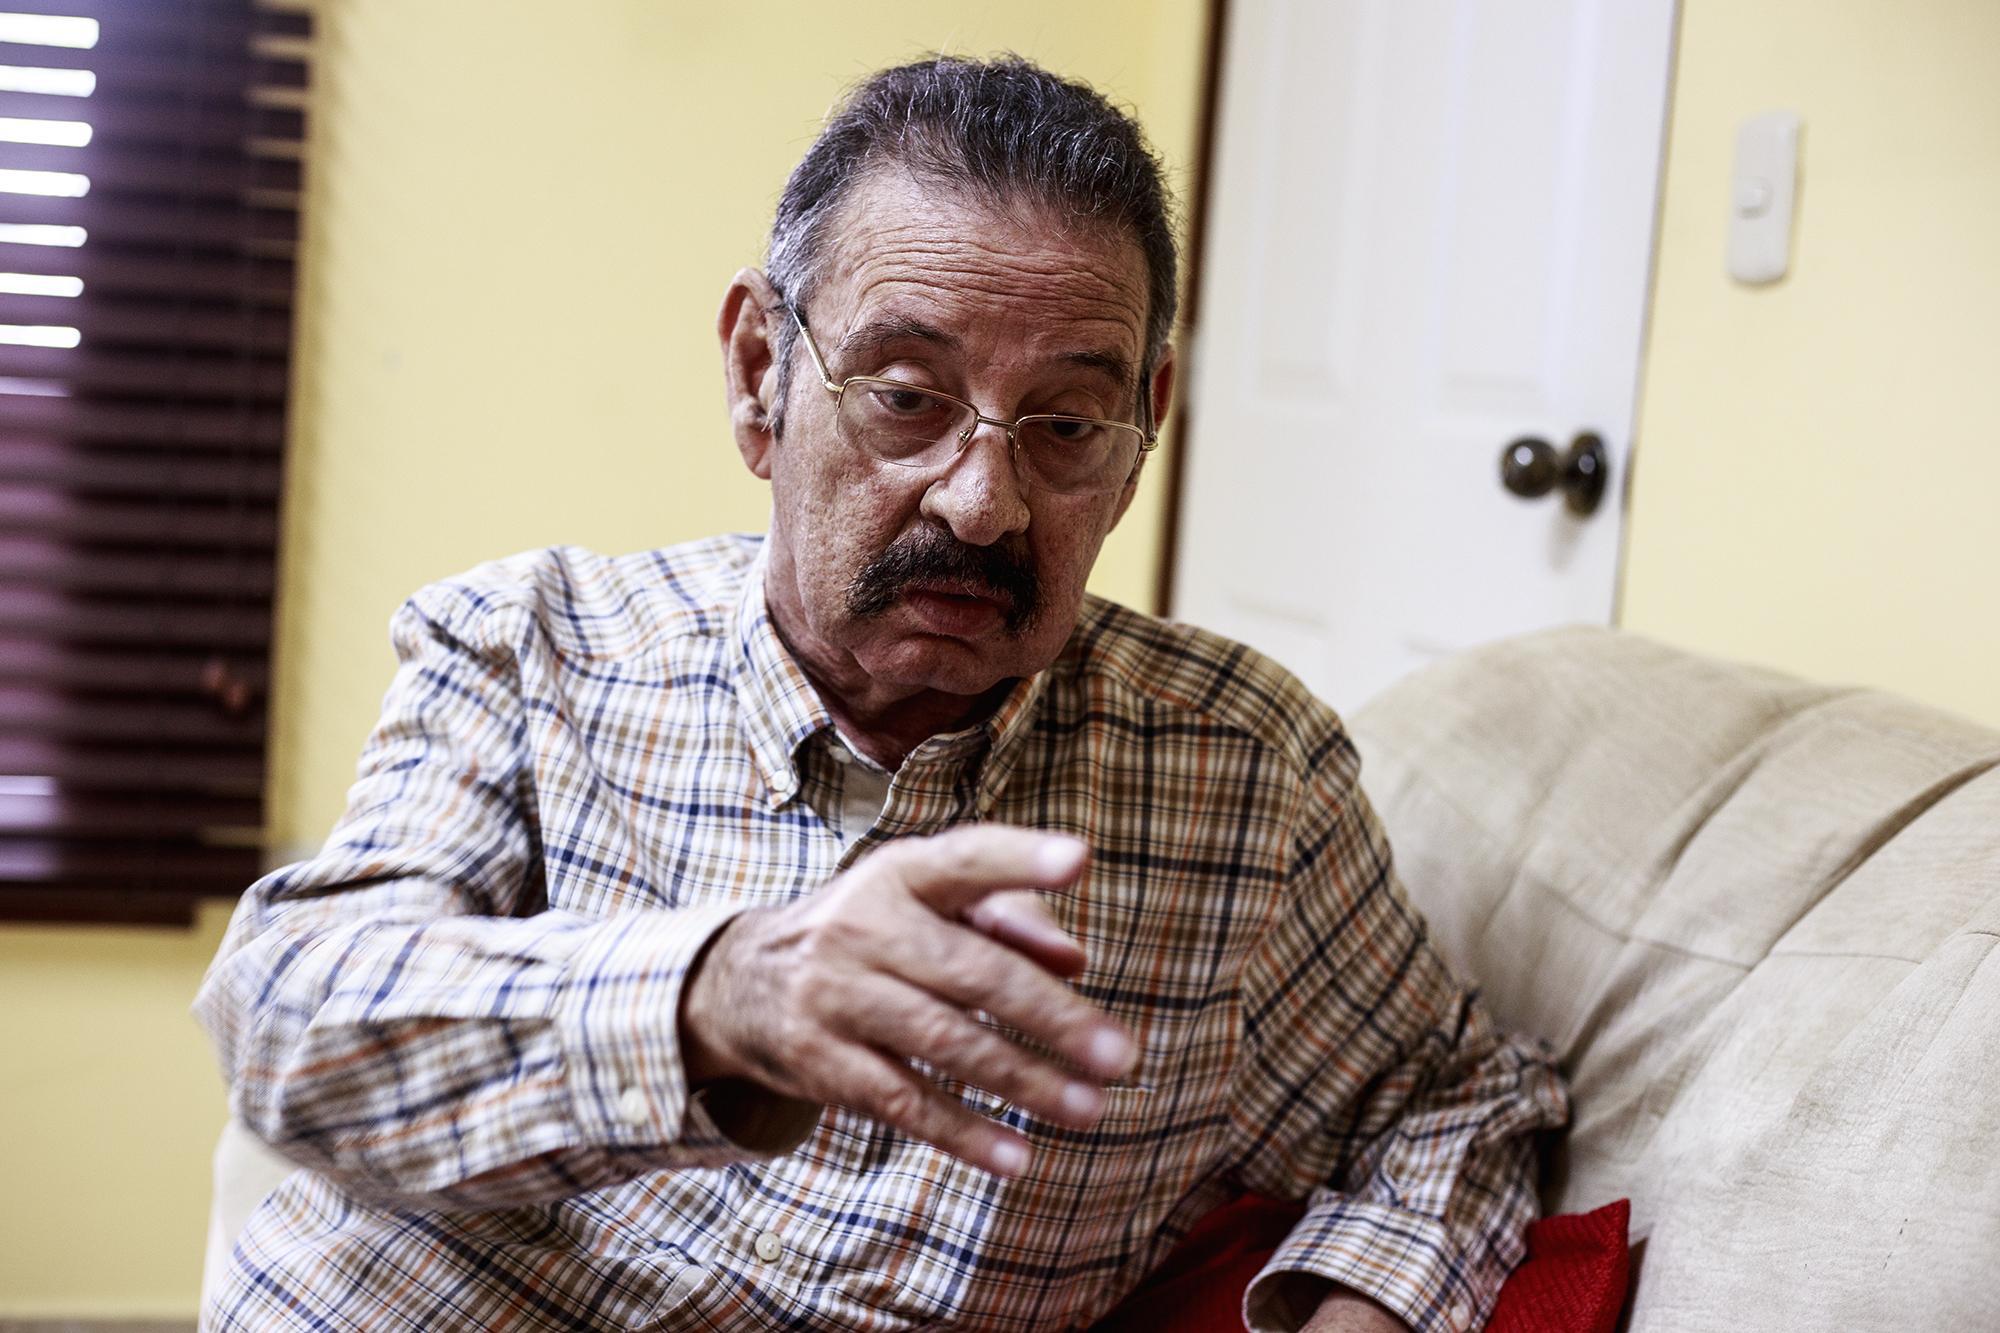 Según Suárez, Nicaragua sufre un golpe de Estado orquestado por Estados Unidos, la extrema derecha intercontinental, la empresa privada (antigua aliada del régimen) y el narcotráfico. Foto: Fred Ramos